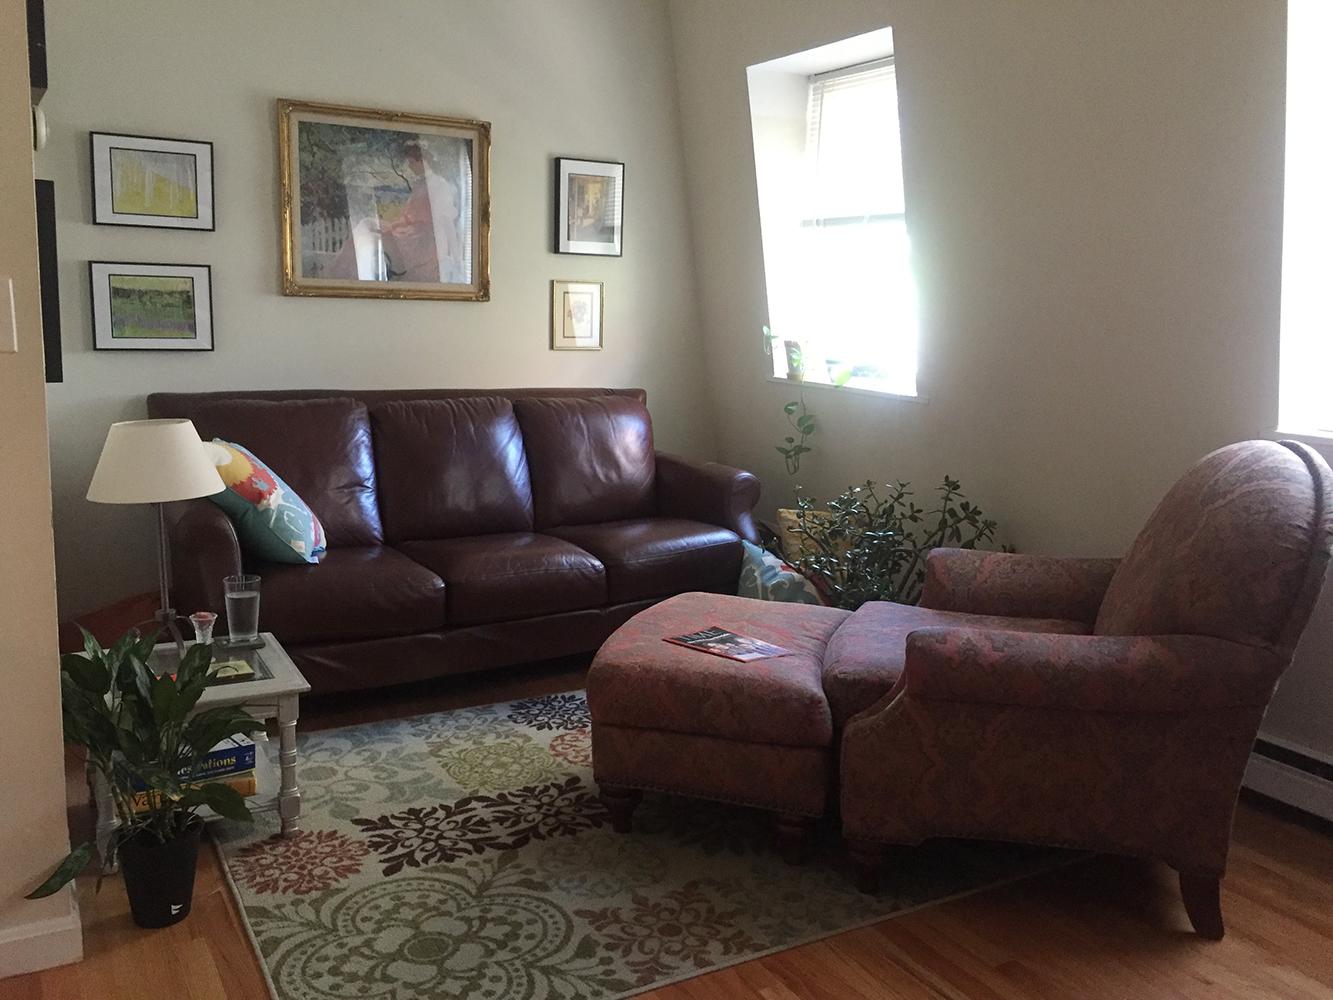 Rosemary's Petite Living Room: Before